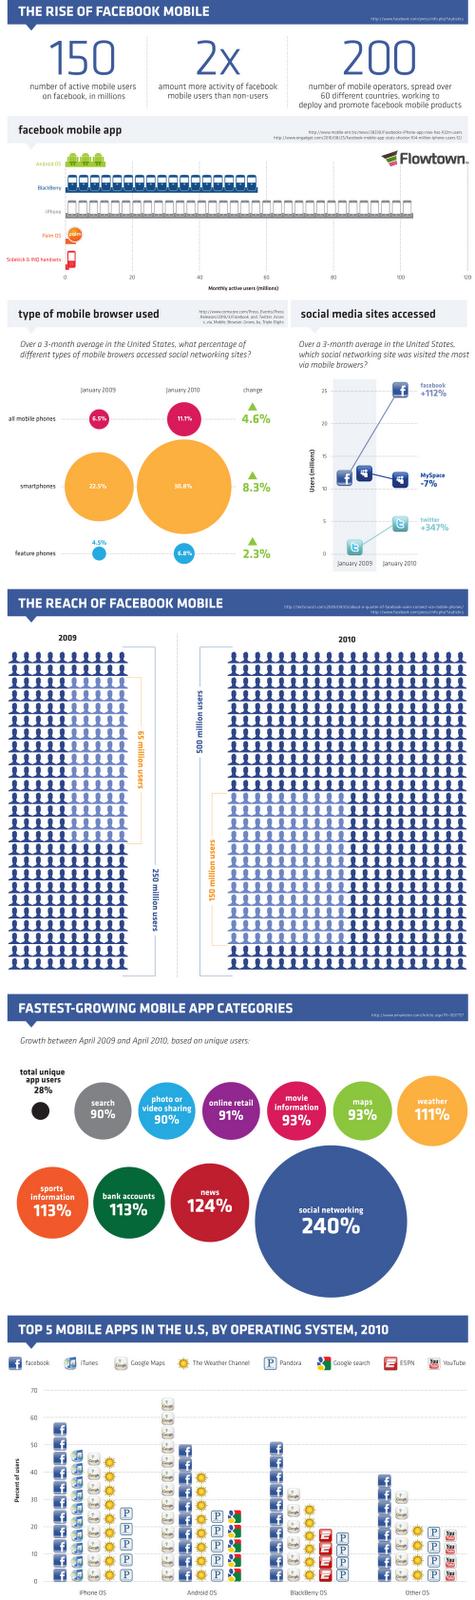 Imagen de la infografía del ascenso de Facebook en móviles